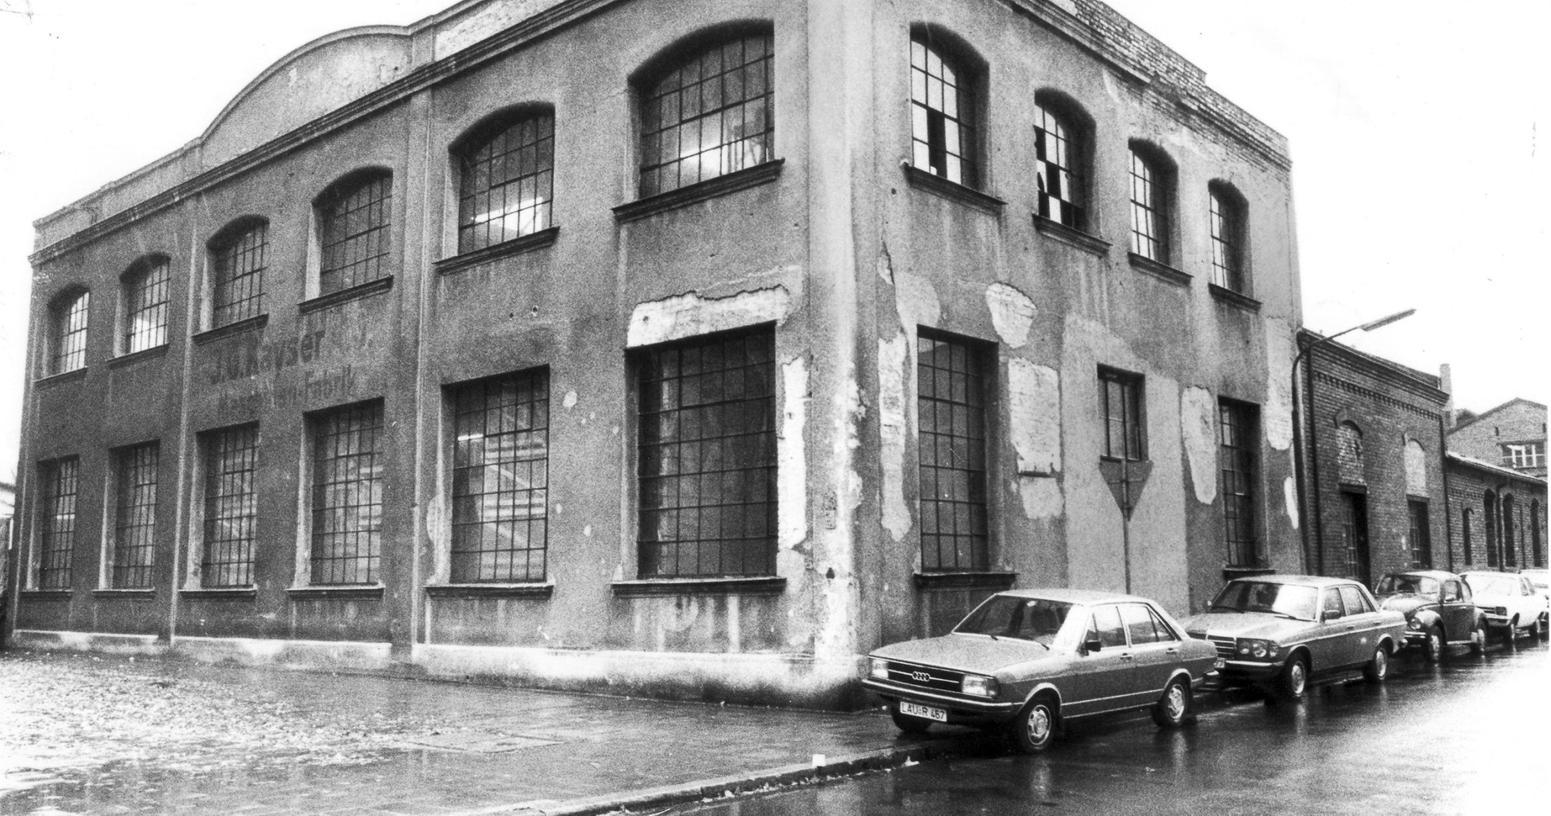 Die Inhaber wurden 1938 zum Verkauf gezwungen: Die einstige Maschinenfabrik Kayser an der Stephanstraße vor dem Abbruch 1990.